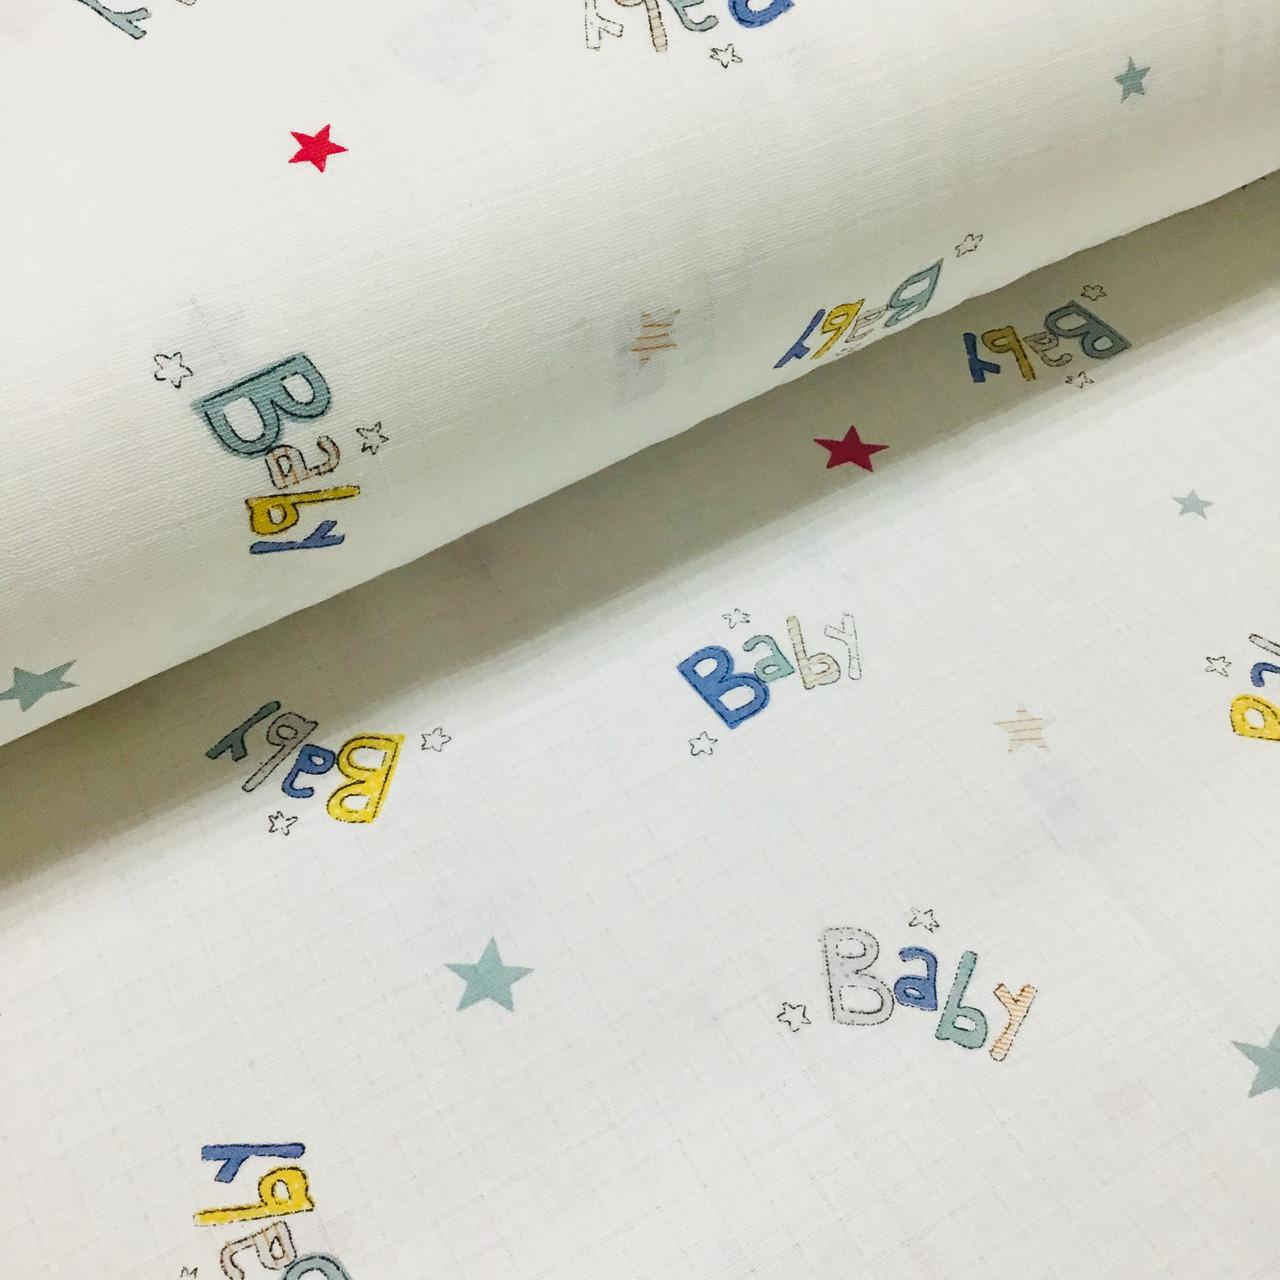 Ткань муслин Двухслойная Бэйби желто-синяя с красными звездочками на белом (шир. 1,6 м)